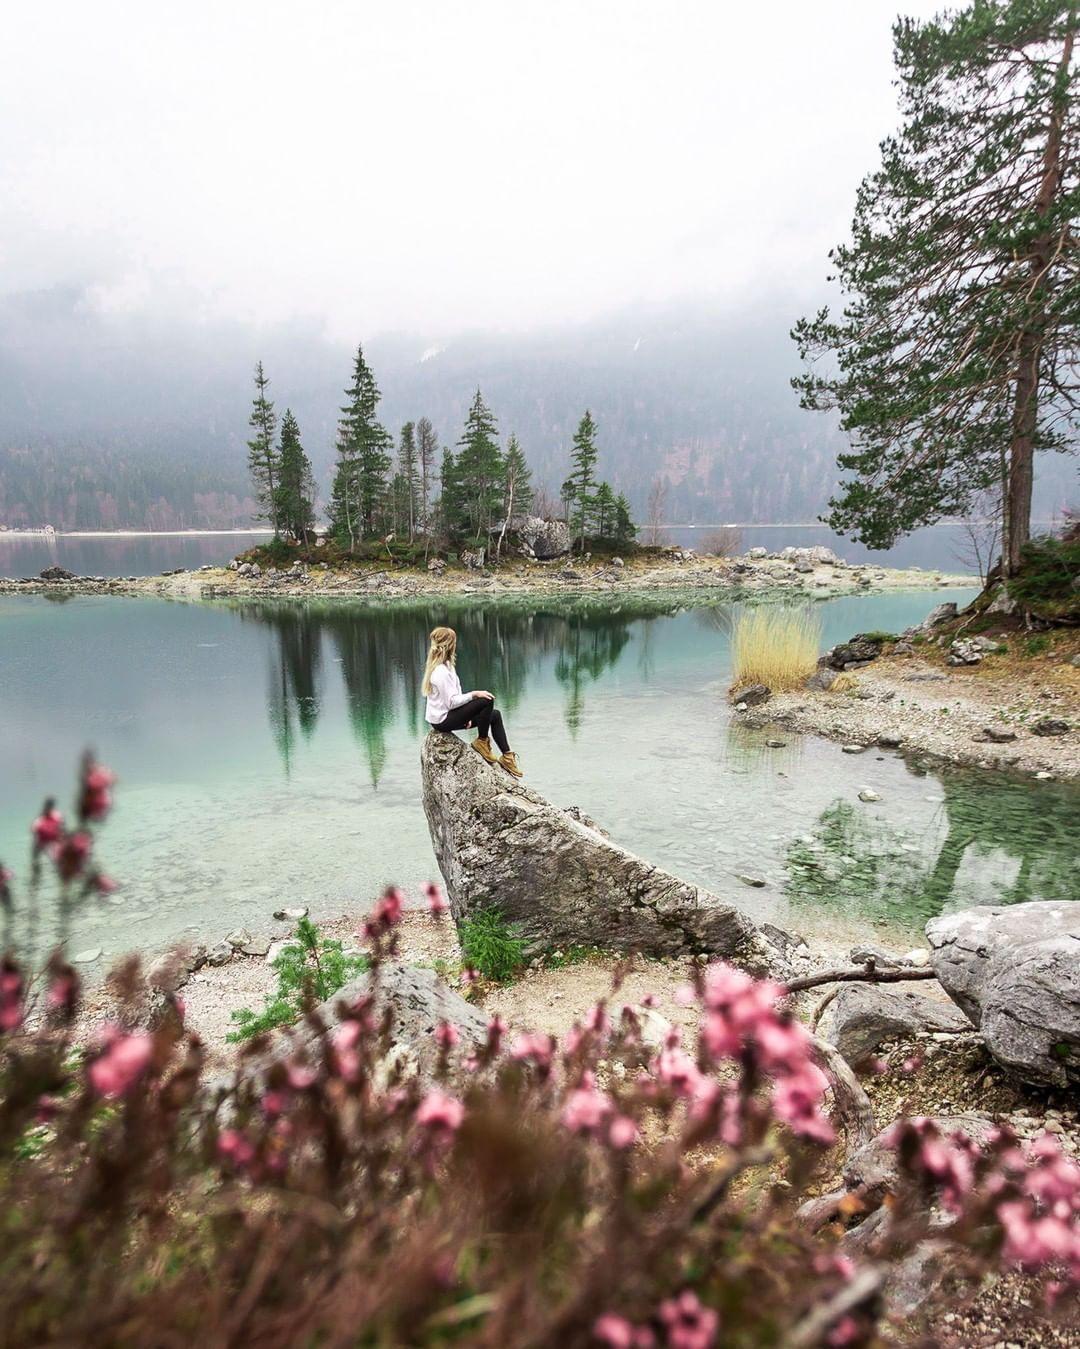 Binmalkuerzweg Posted To Instagram Ich Liebe Diese Farben Der Eibsee Und Seine Wasserfarbe Sind Einf In 2020 Best Vacations Nature Photography Instagrammable Places